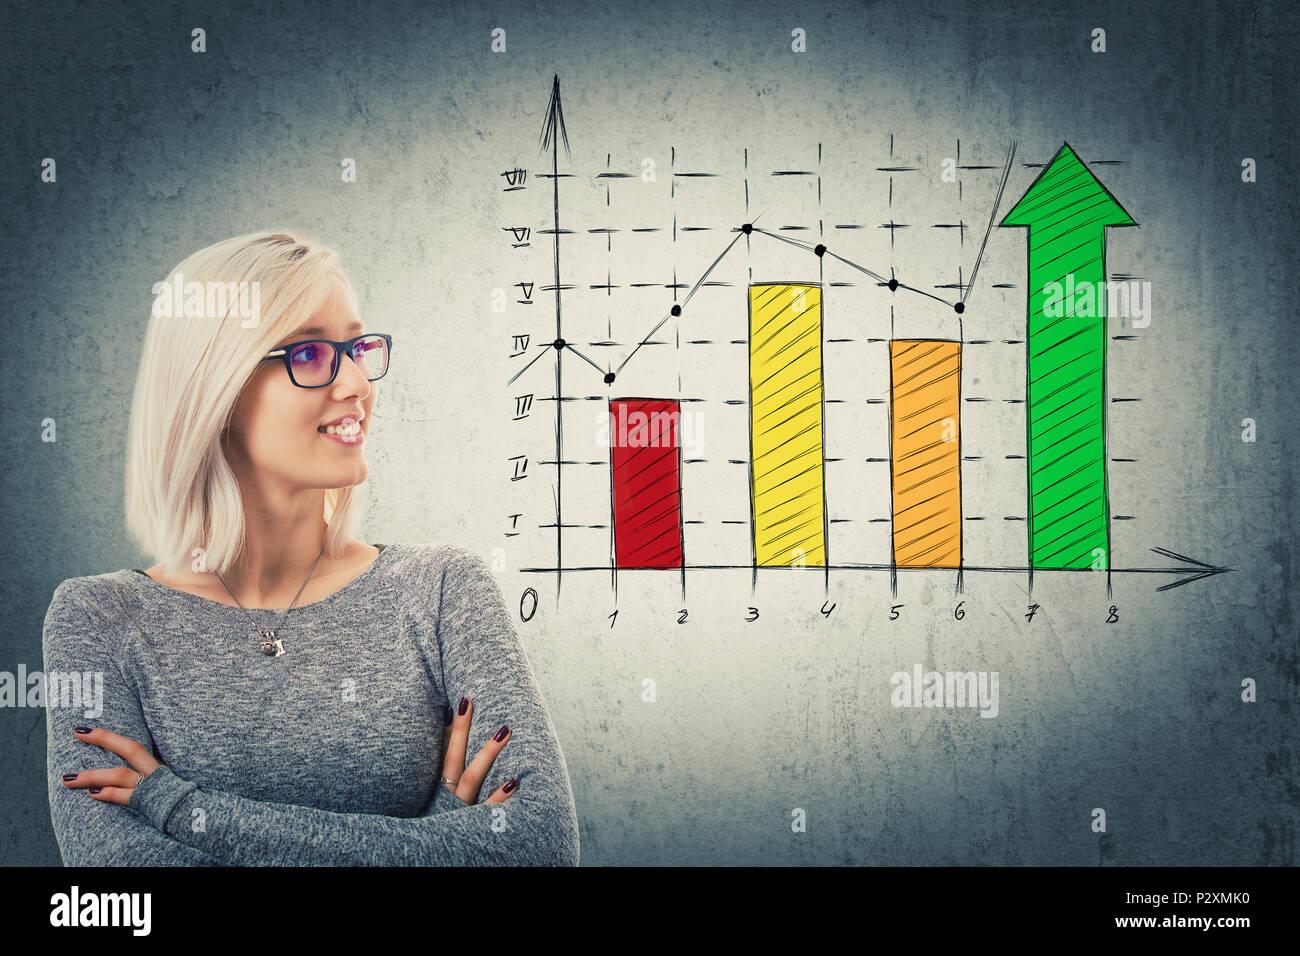 Close Up retrato de mujer joven con los brazos cruzados, anteojos mirando un gráfico ascendente. Beneficios de las empresas, el crecimiento y el progreso en coloridos símbolos Imagen De Stock